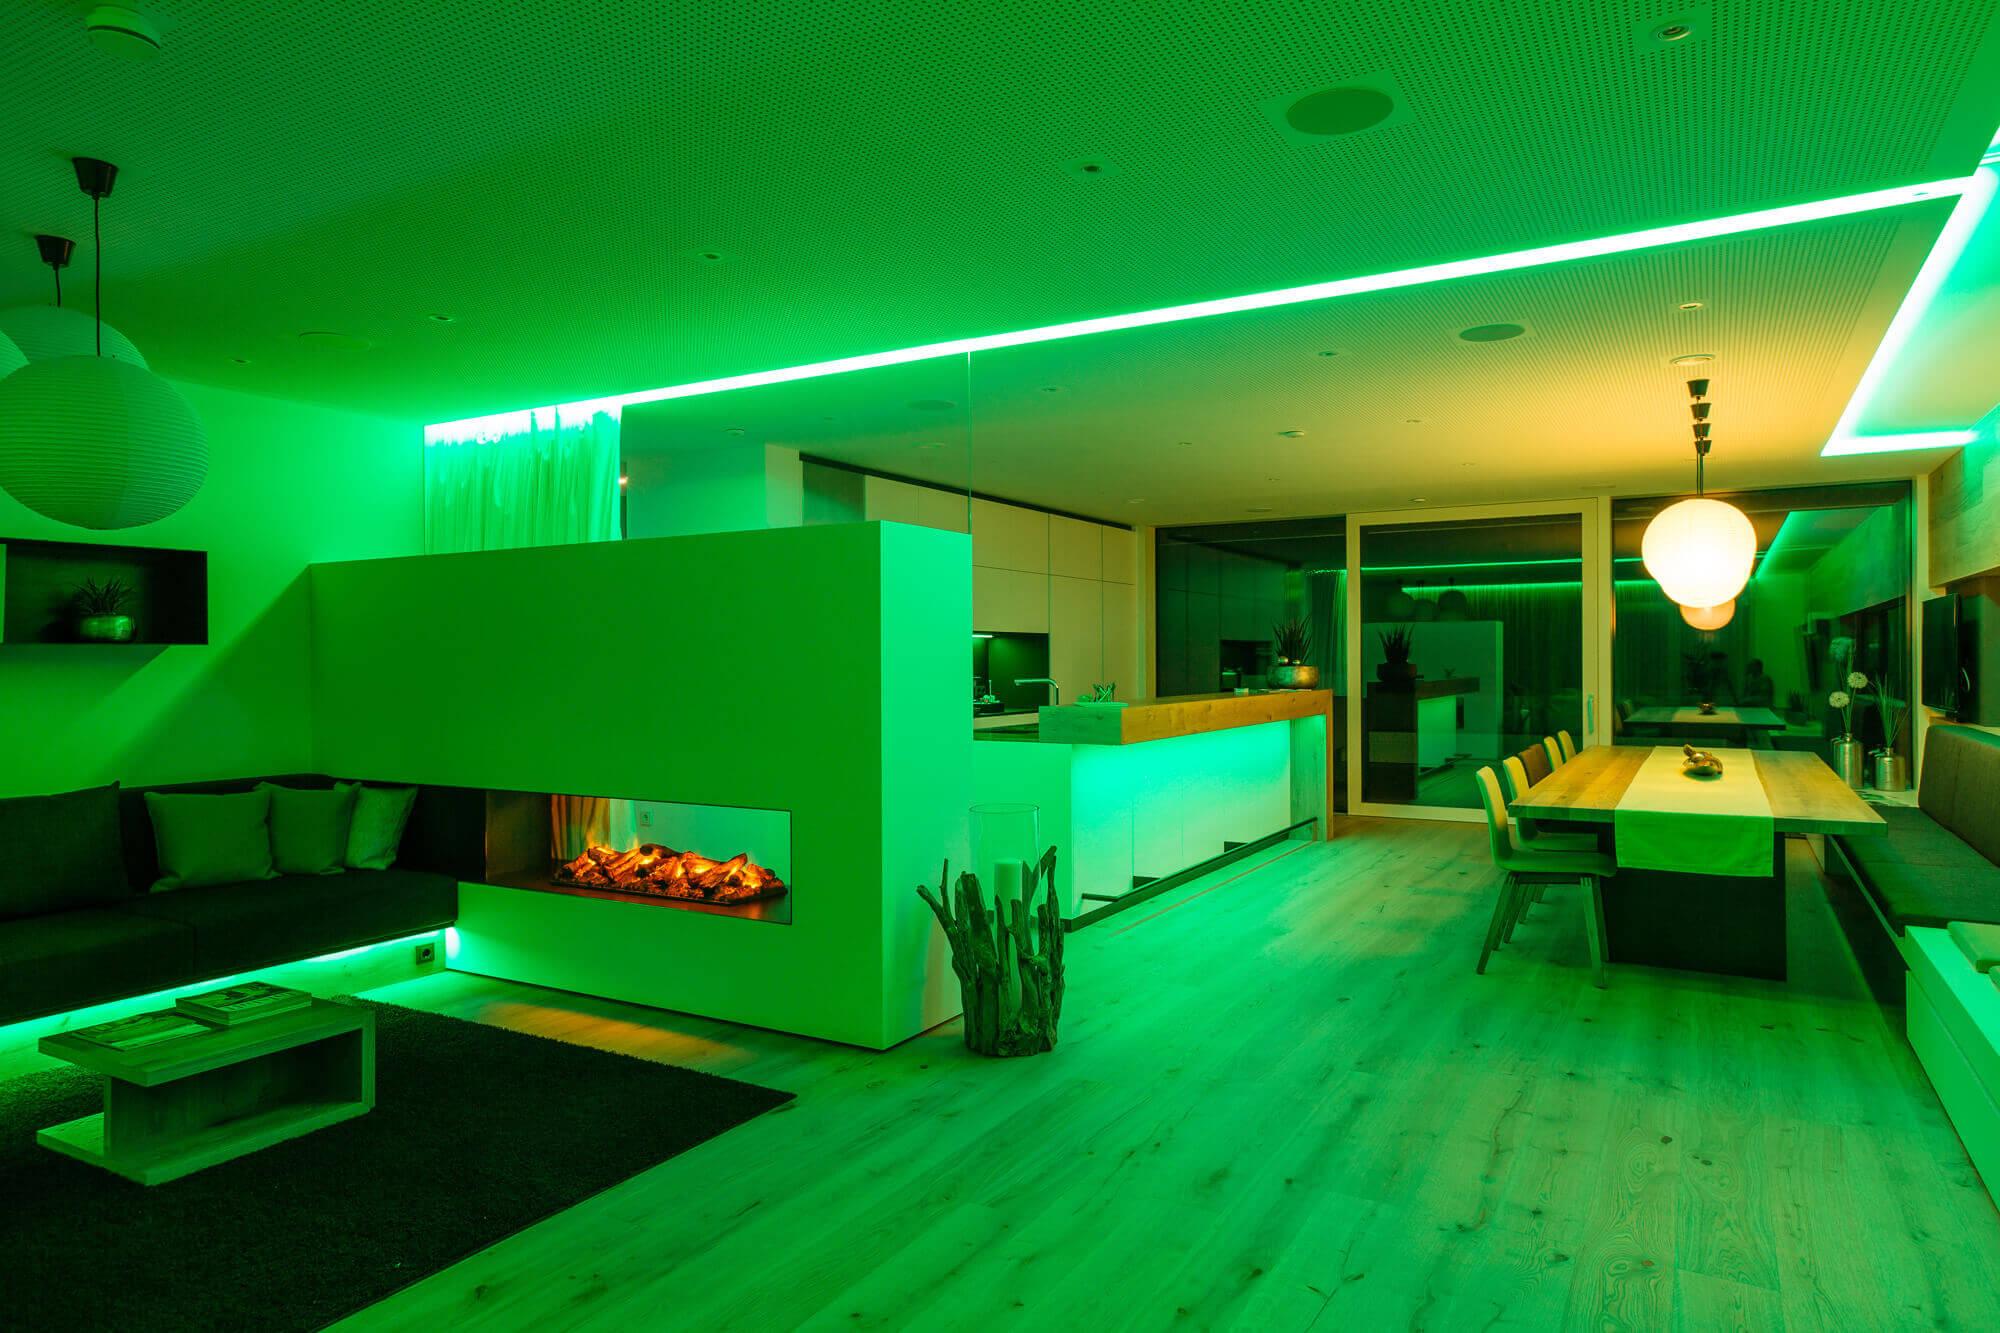 Duży pokój który jest oświetlony na zielono z białymi ścianami i ciemnymi meblami